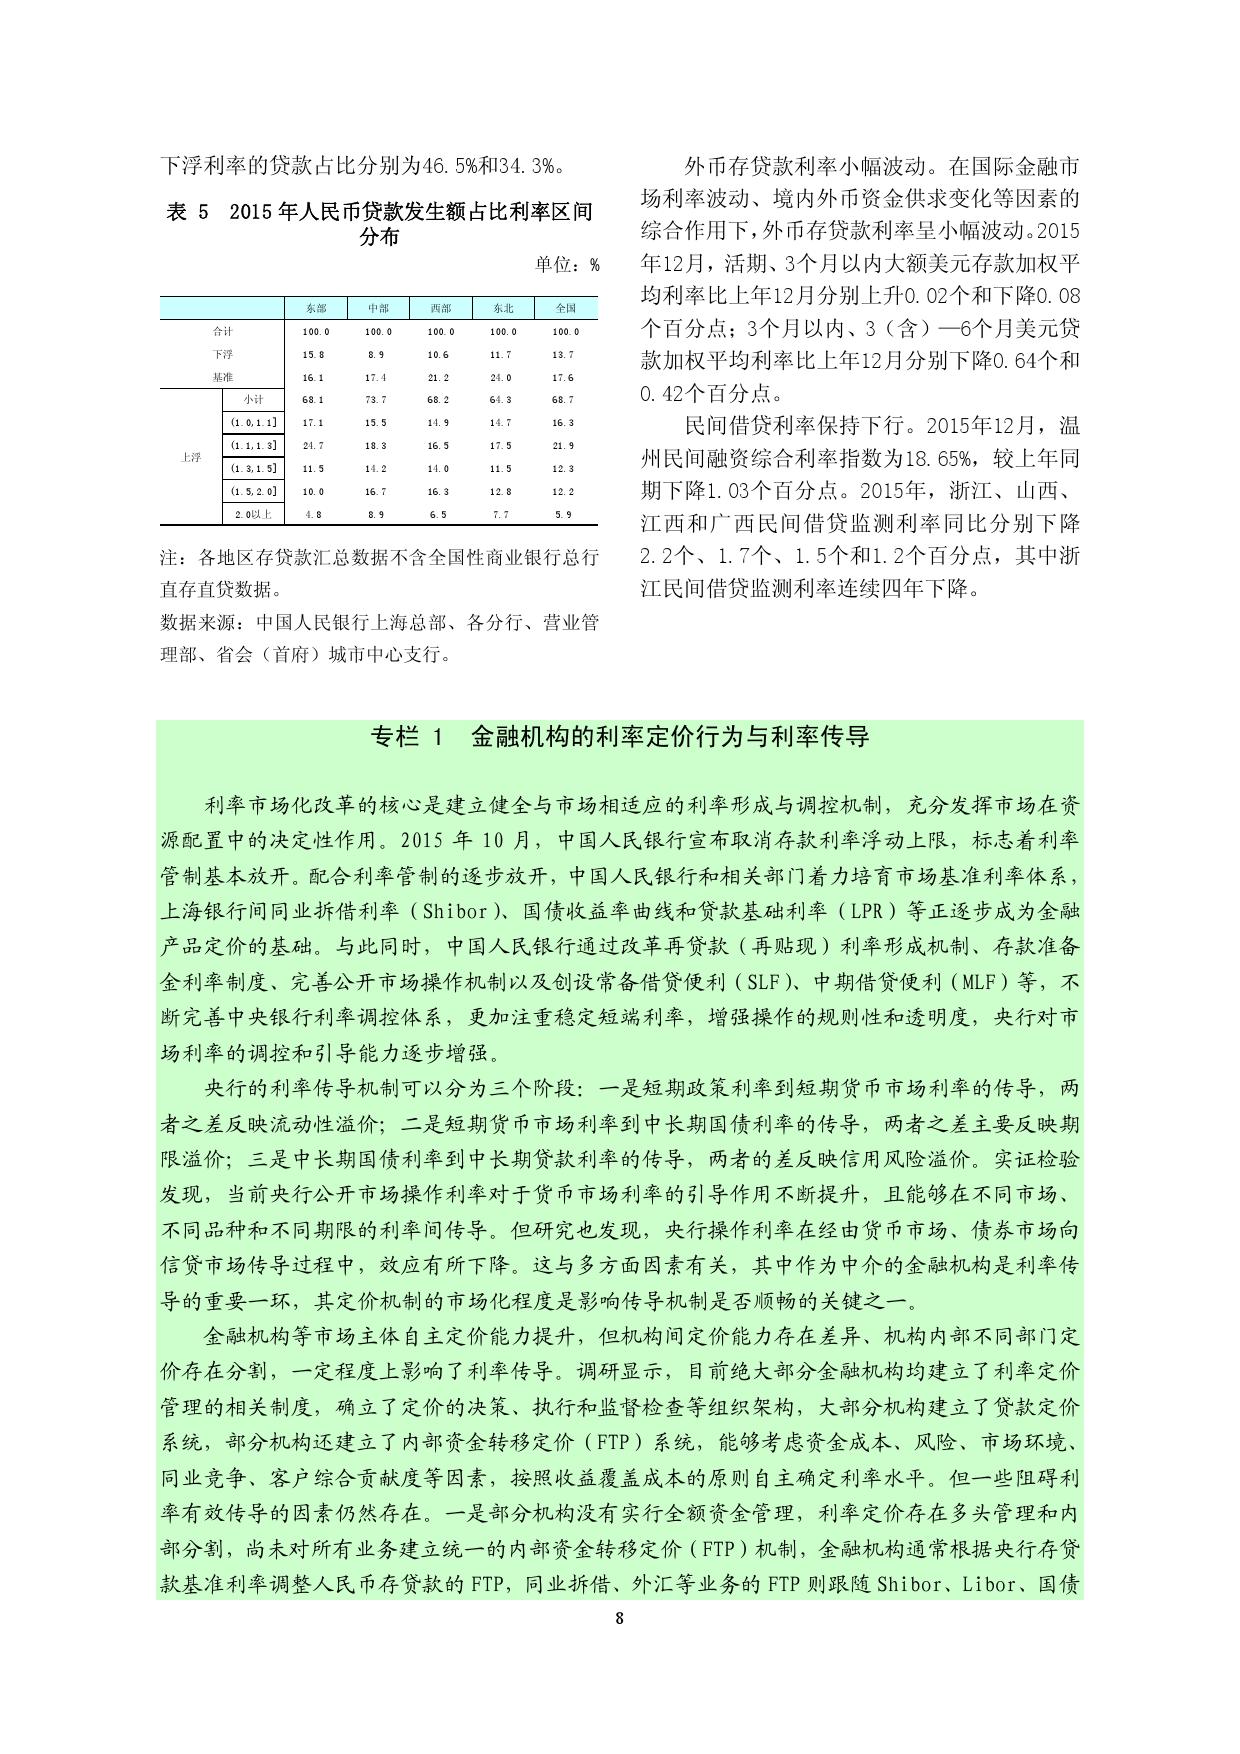 2015年中国区域金融运行报告_000011